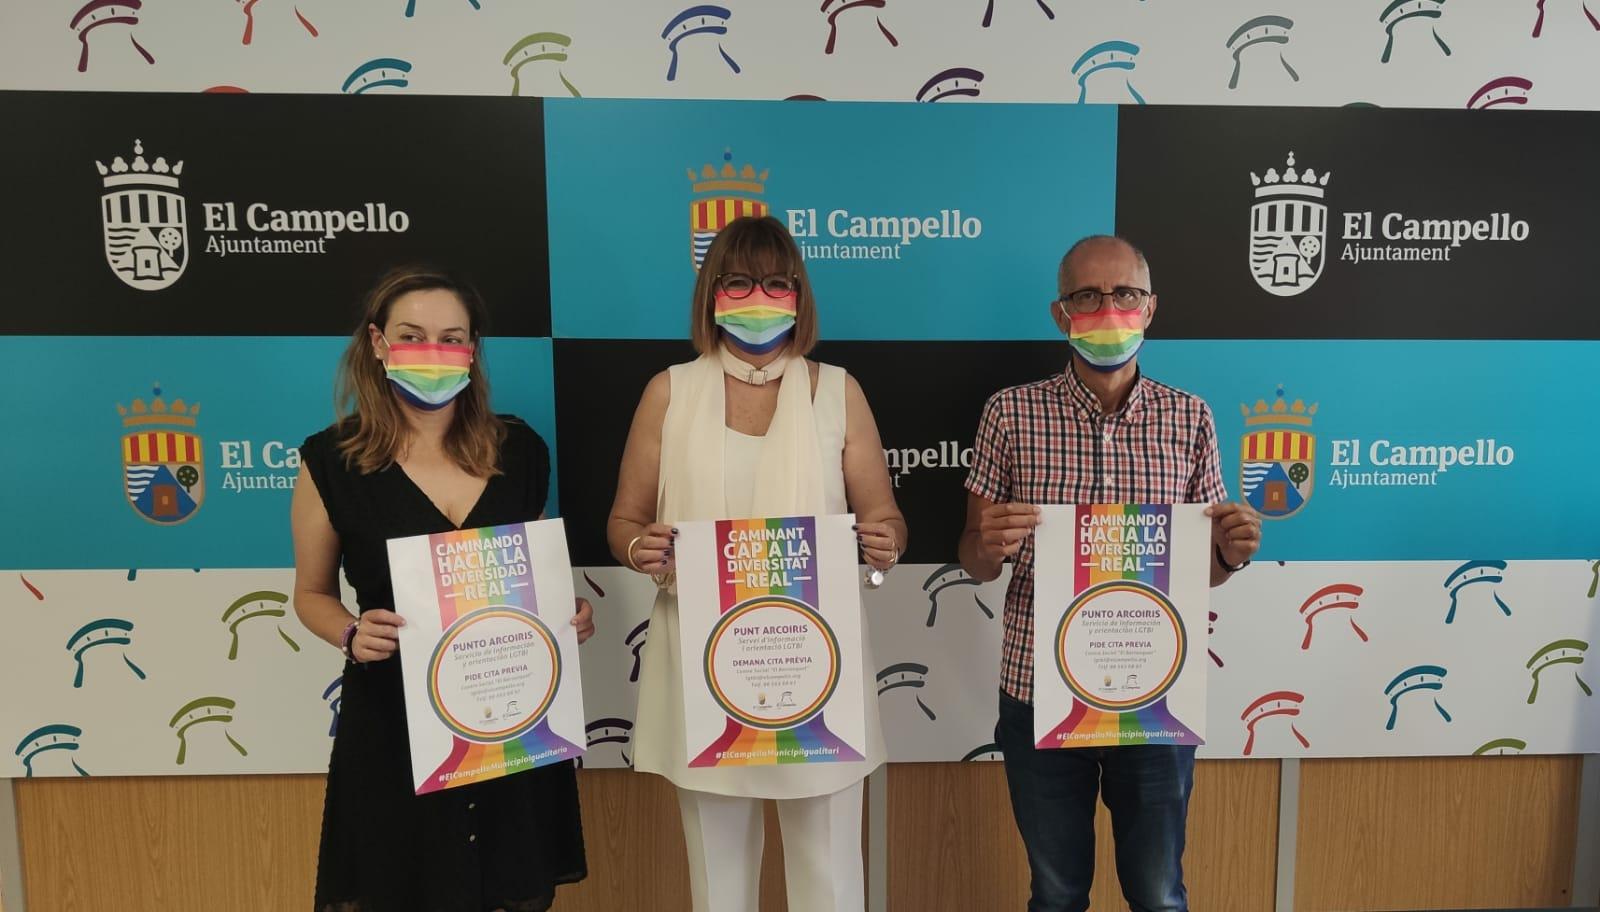 Rueda de prensa presentación campaña LGTBI+